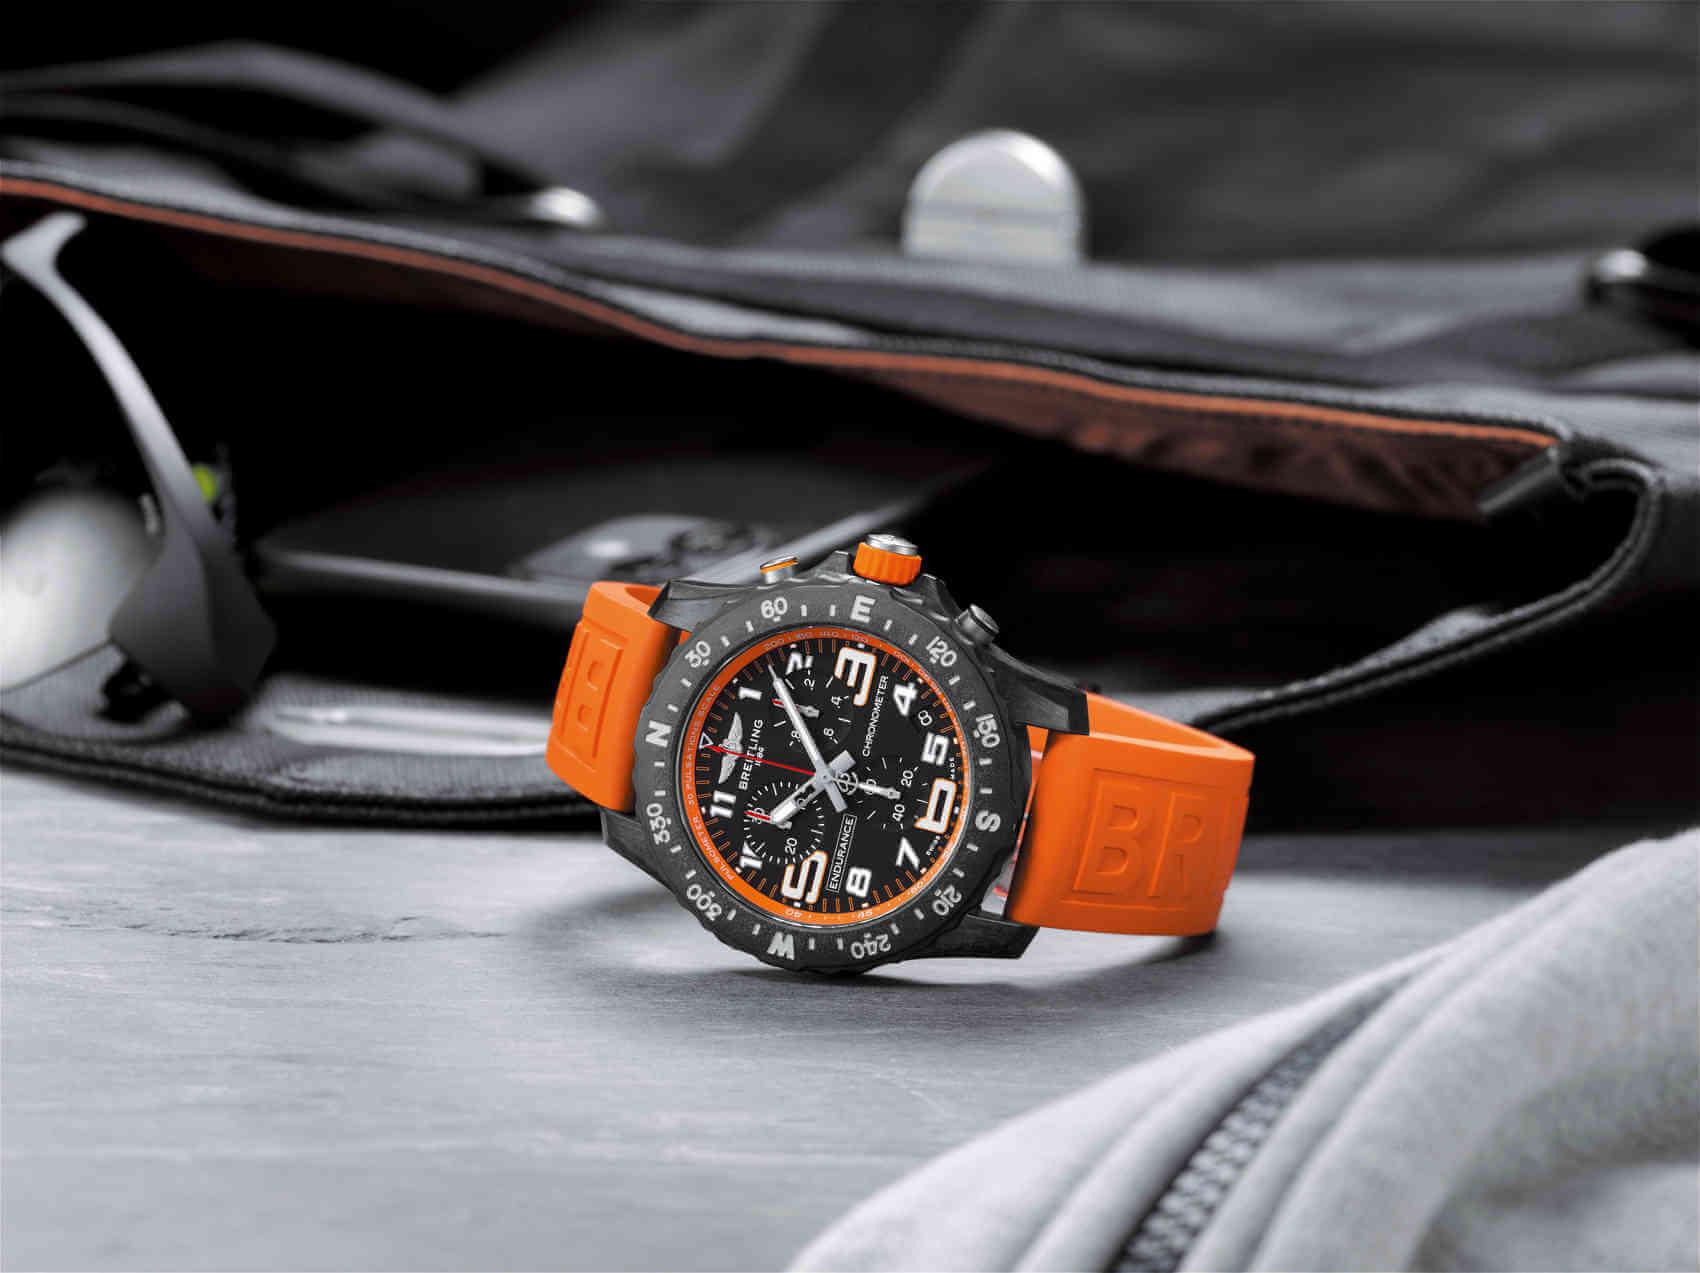 Breitling Endurance Pro naranja lifestyle